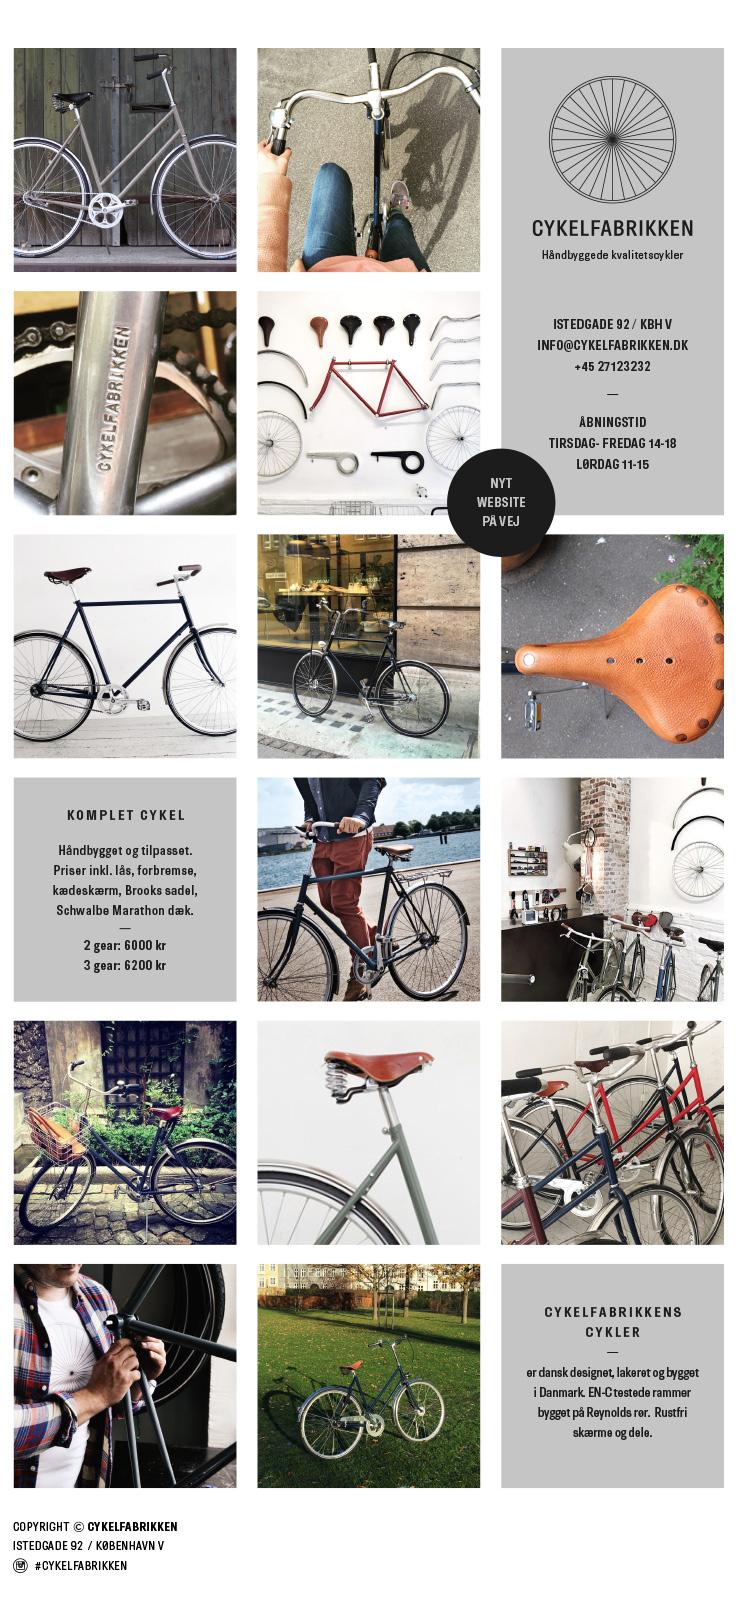 danske cykelfabrikker